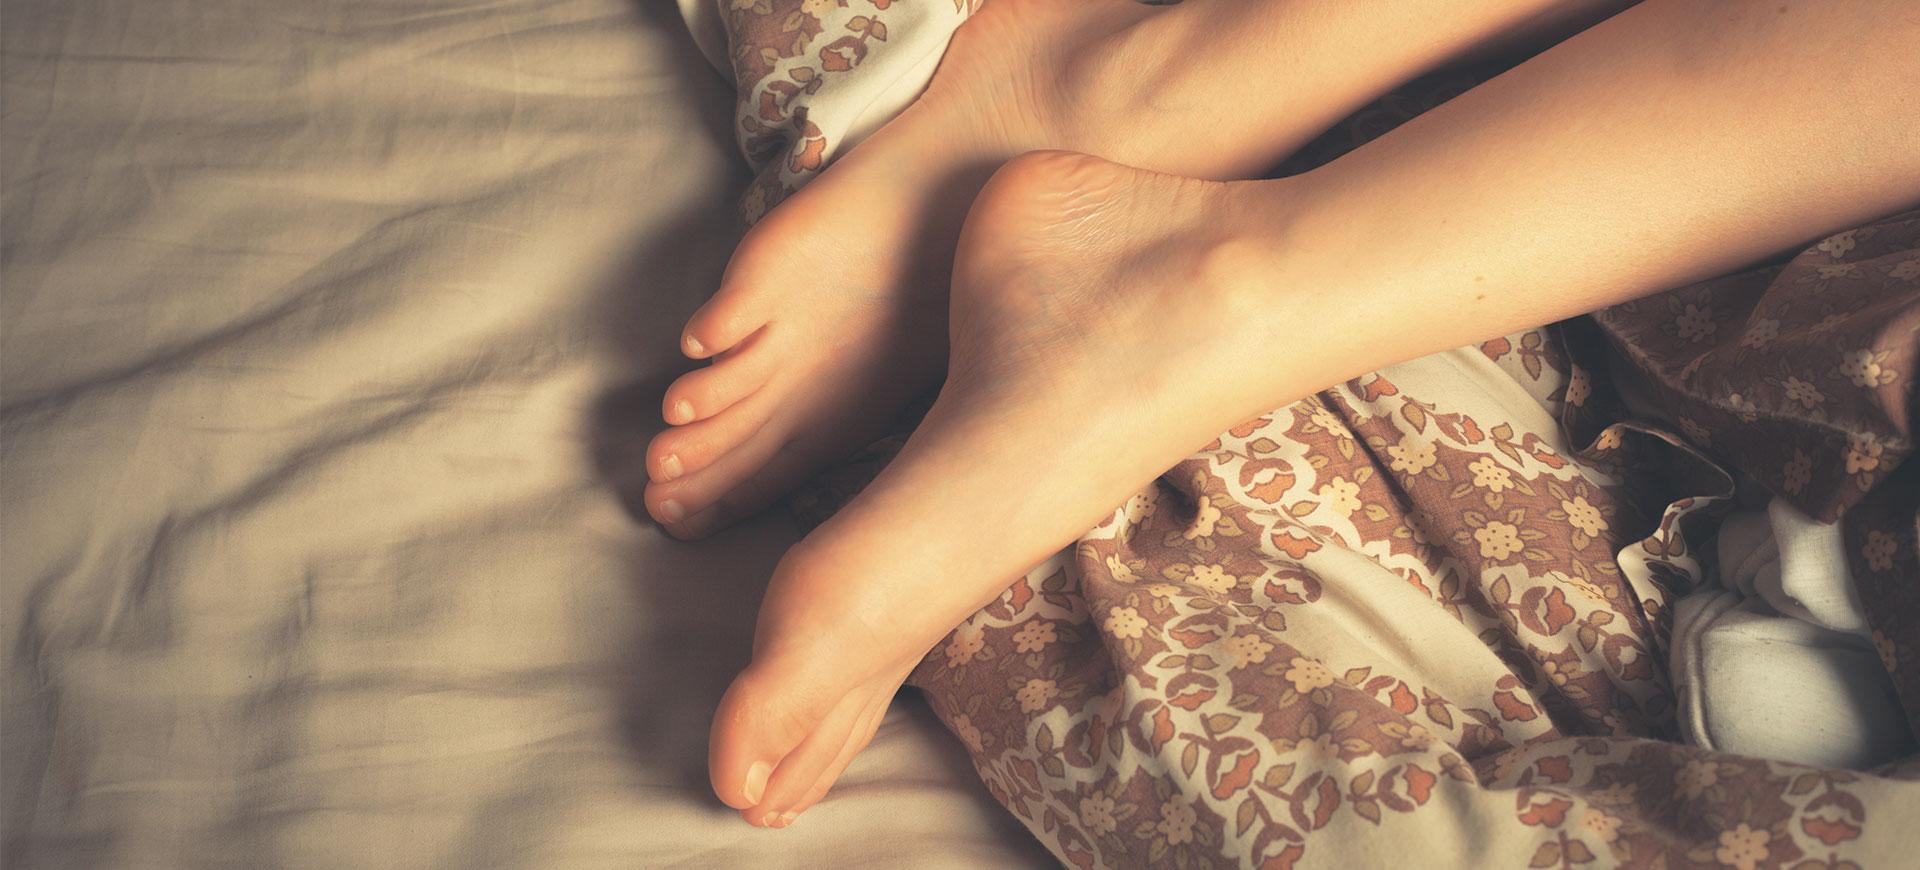 erogena zoner på kvinnor